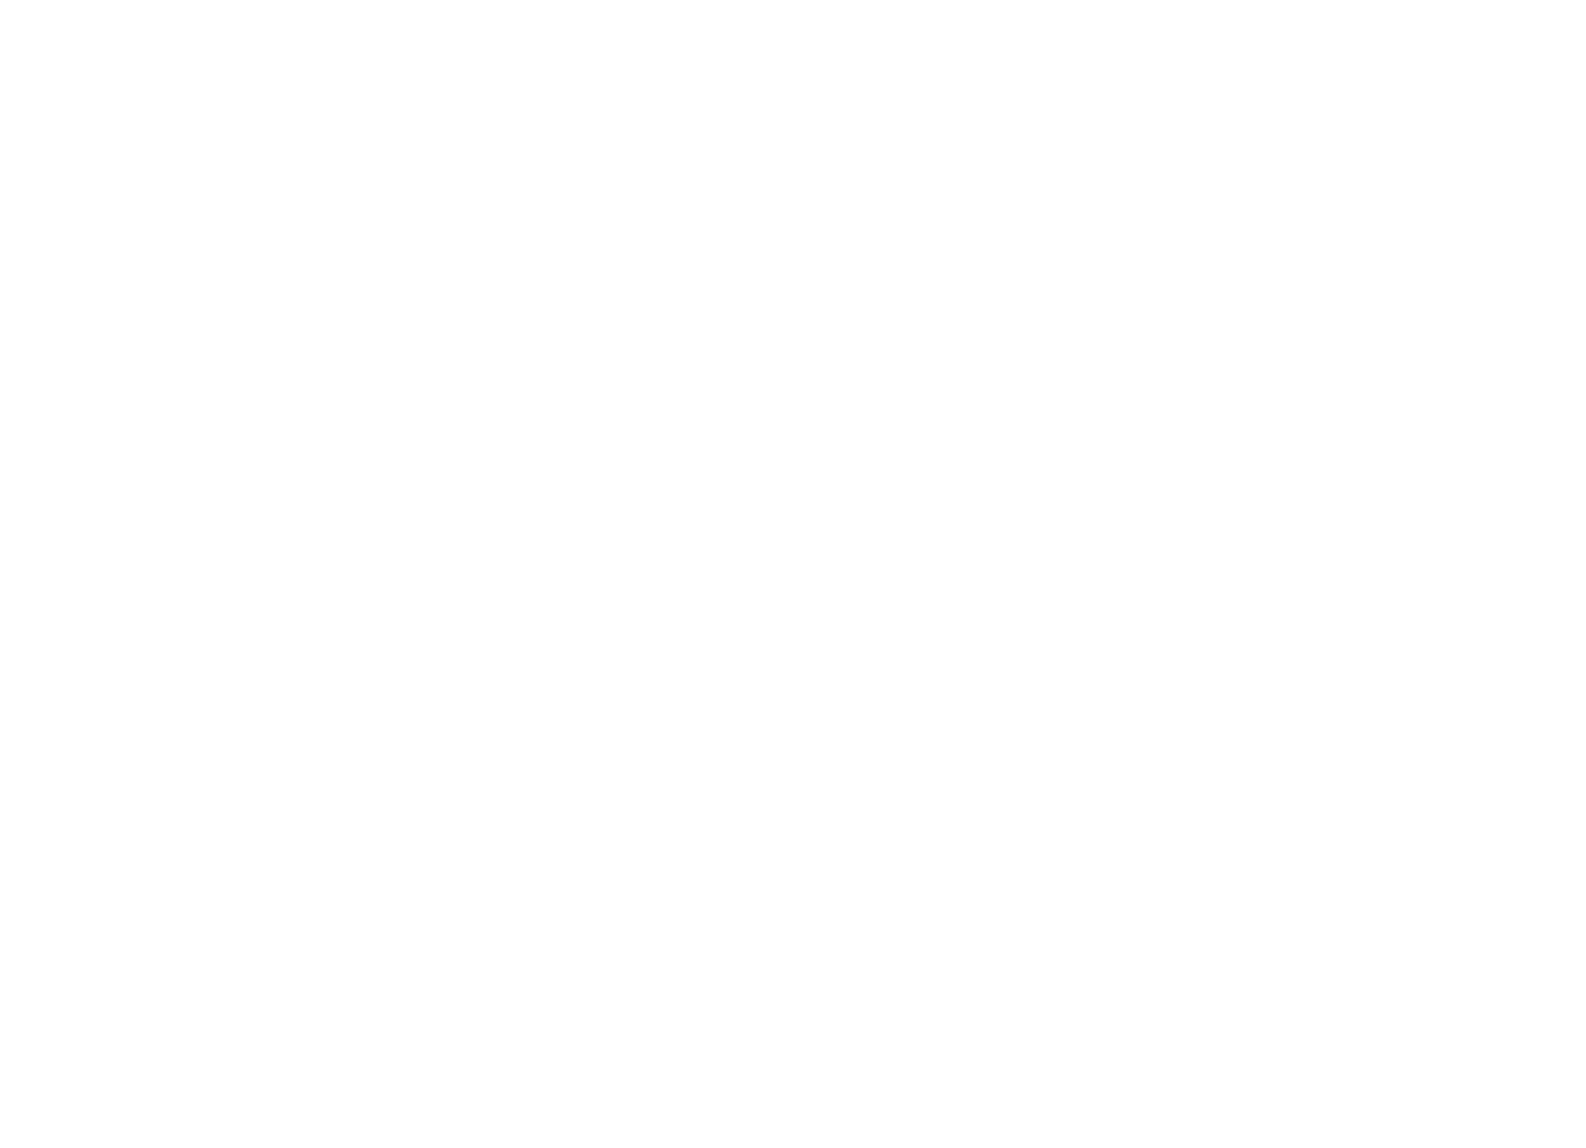 veesign